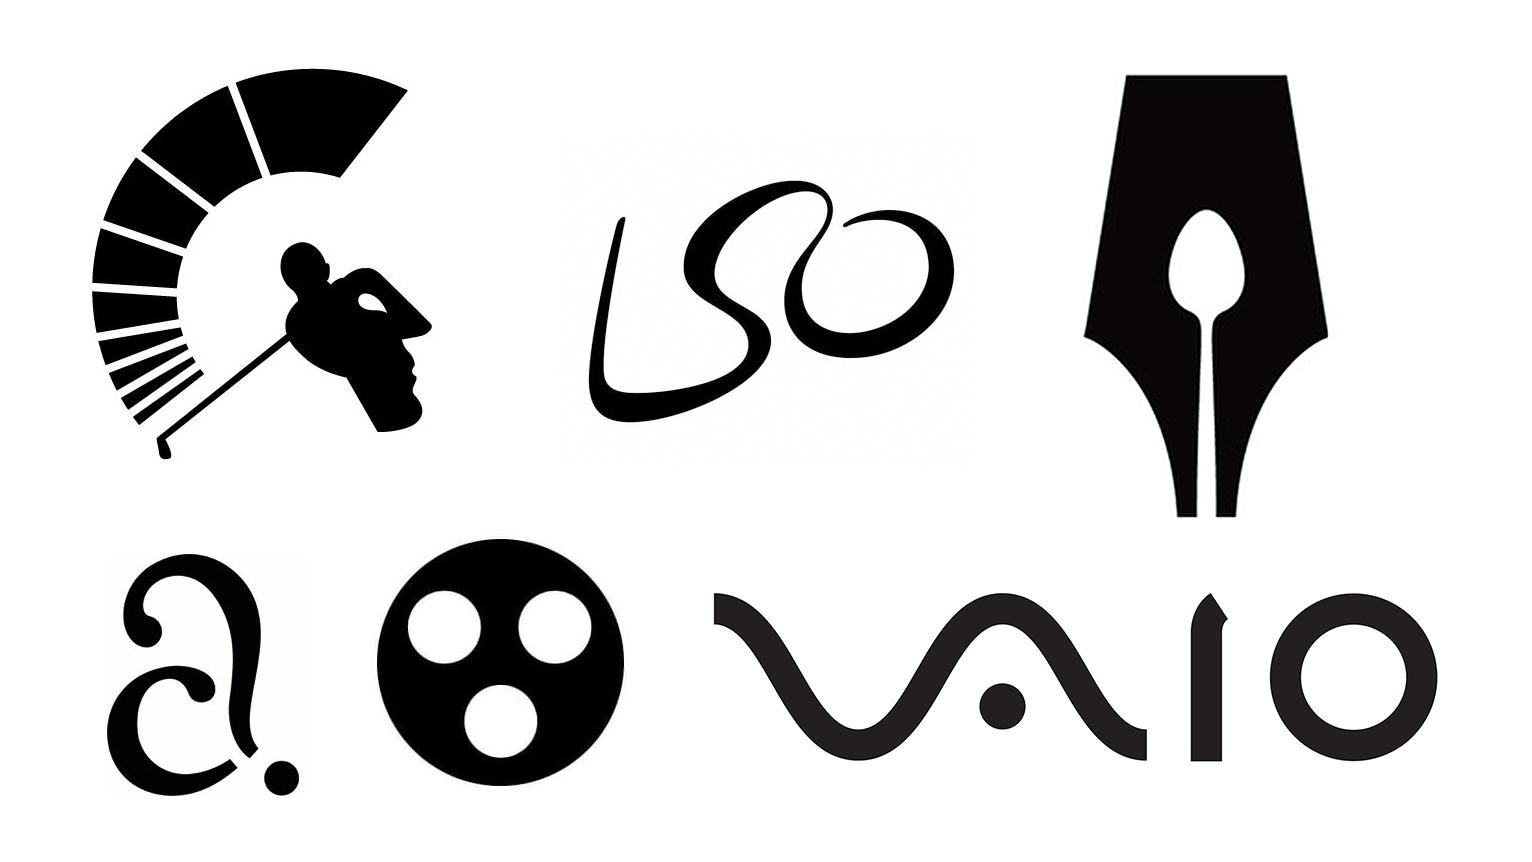 6 great logo ideas that break the mould.